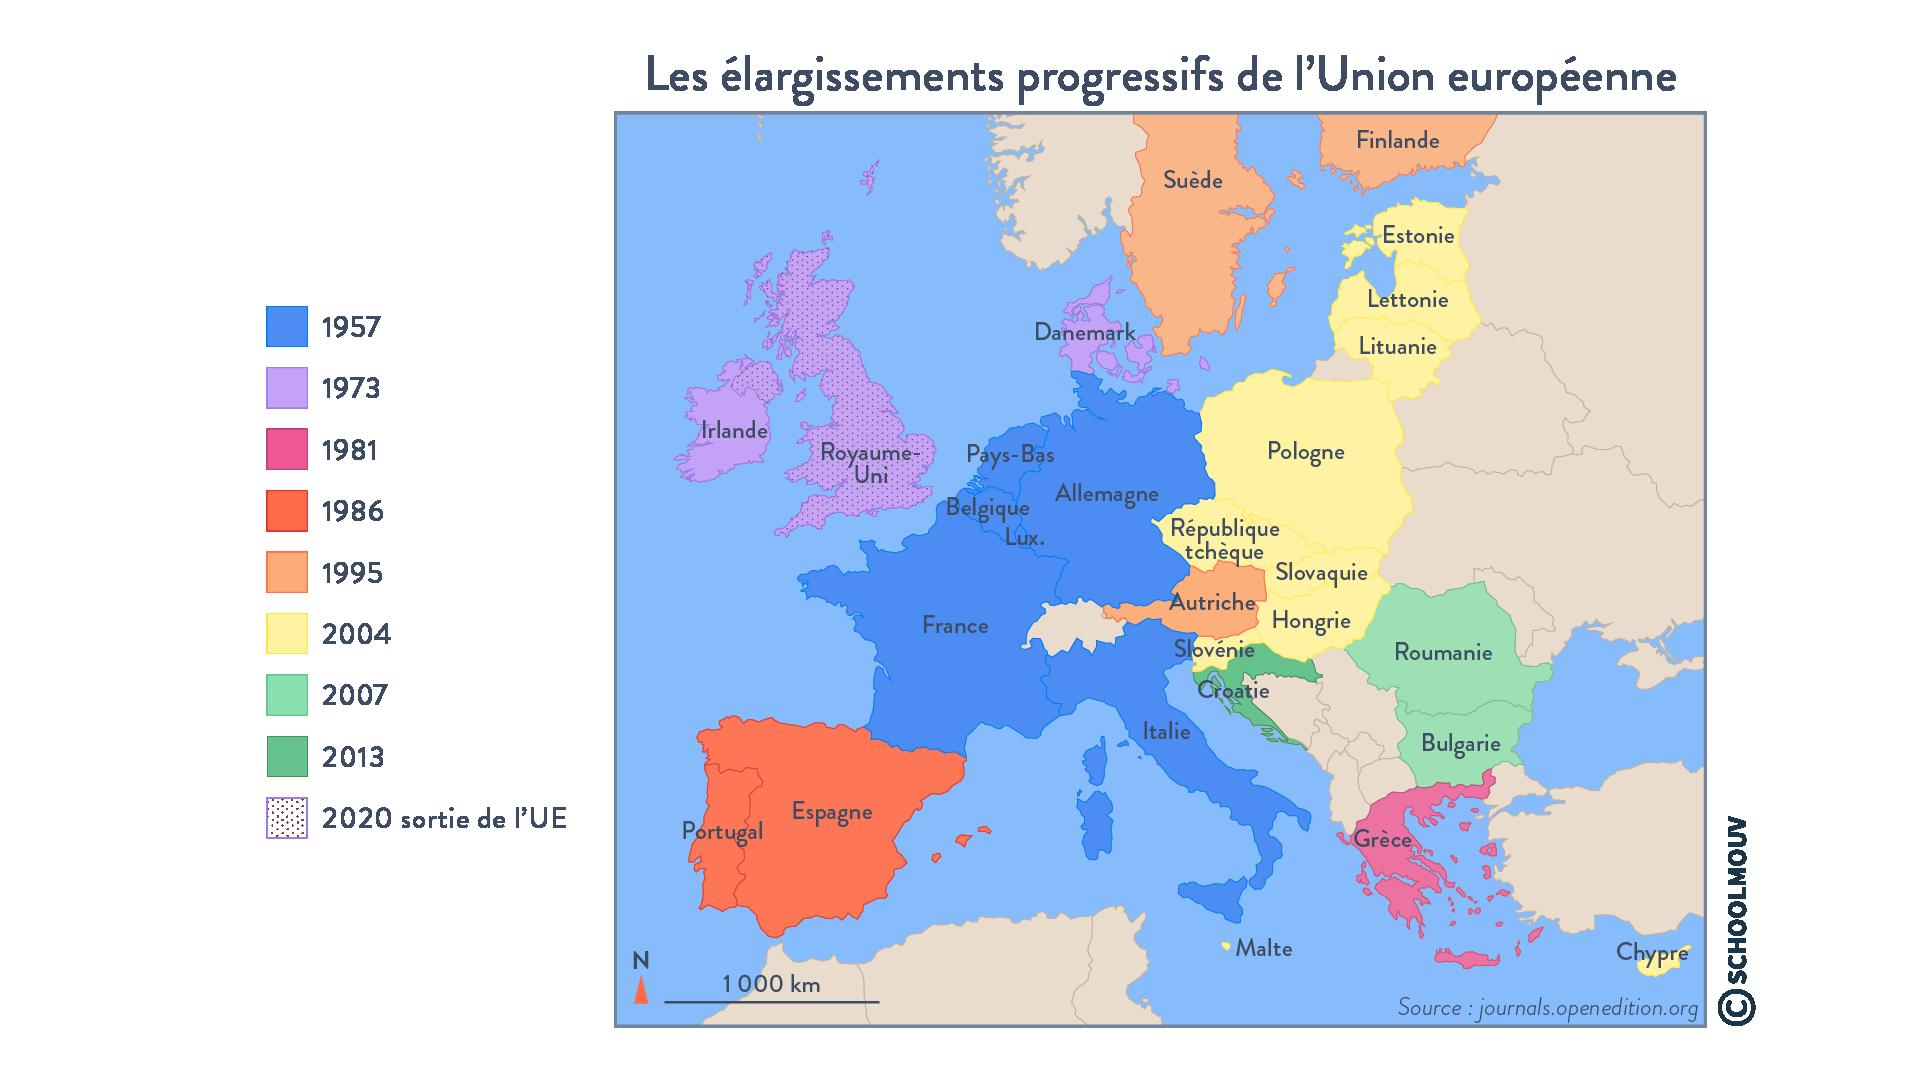 Les élargissements progressifs de l'Union européenne - Géographie - Terminale - SchoolMouv